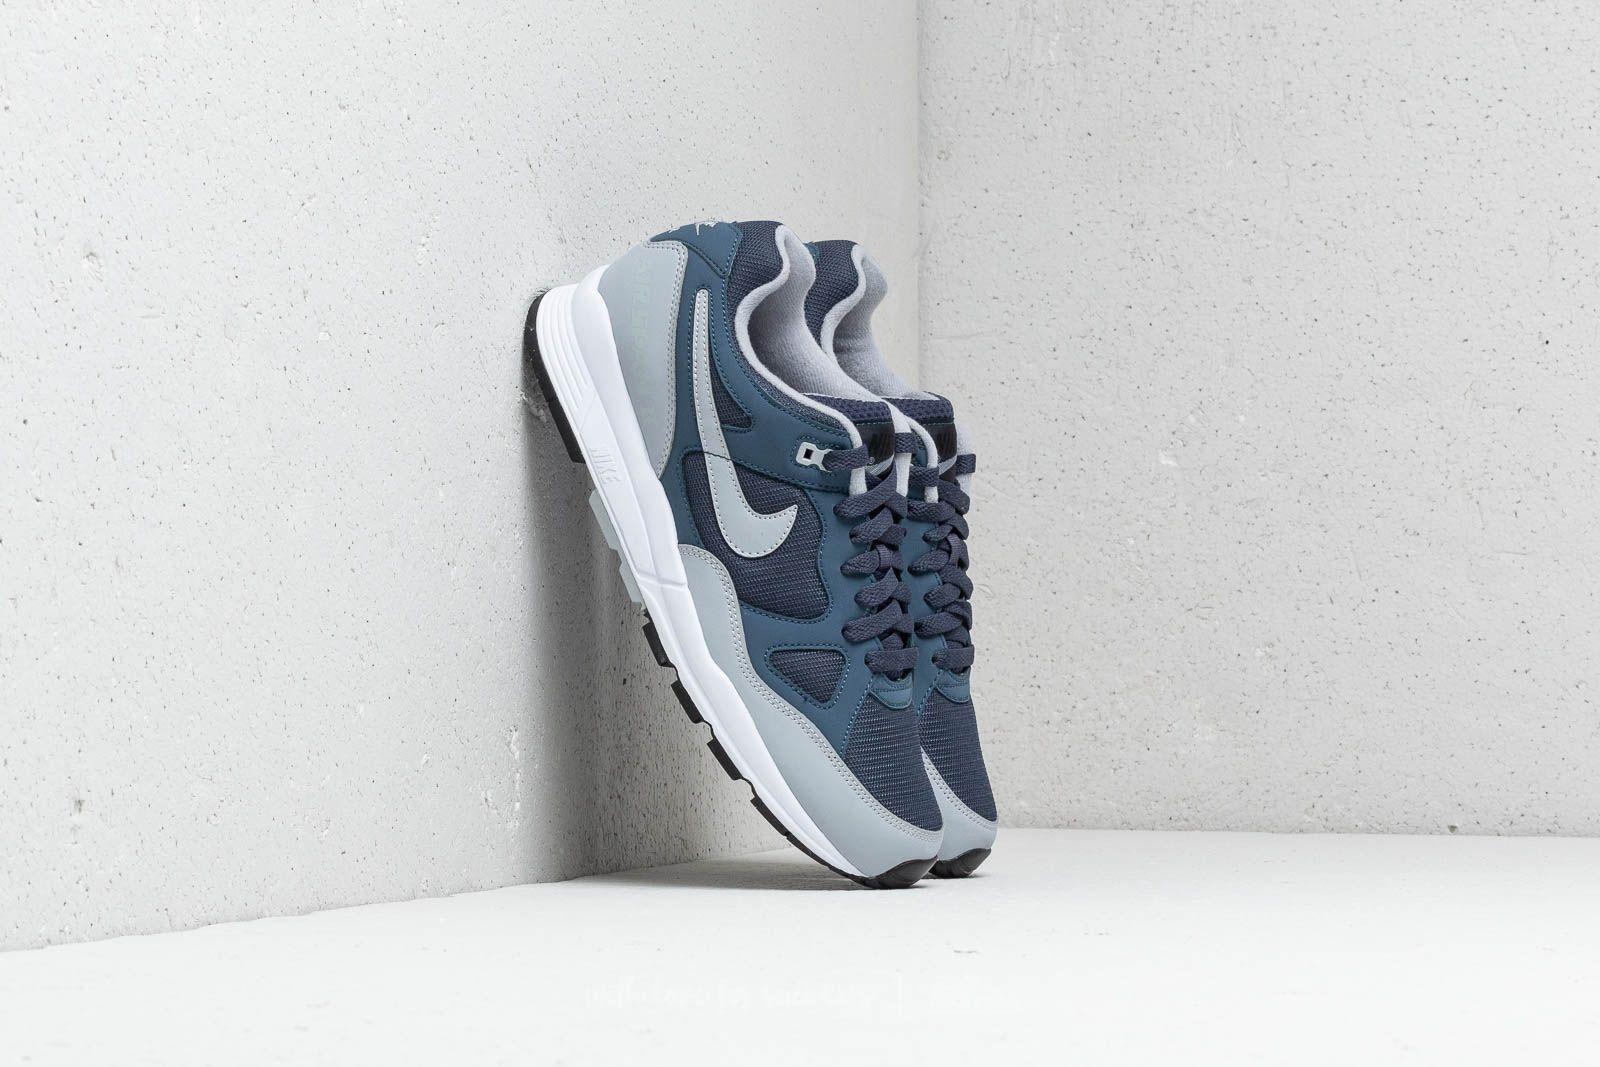 Pánské tenisky a boty Nike Air Span II Thunder Blue/ Wolf Grey-White